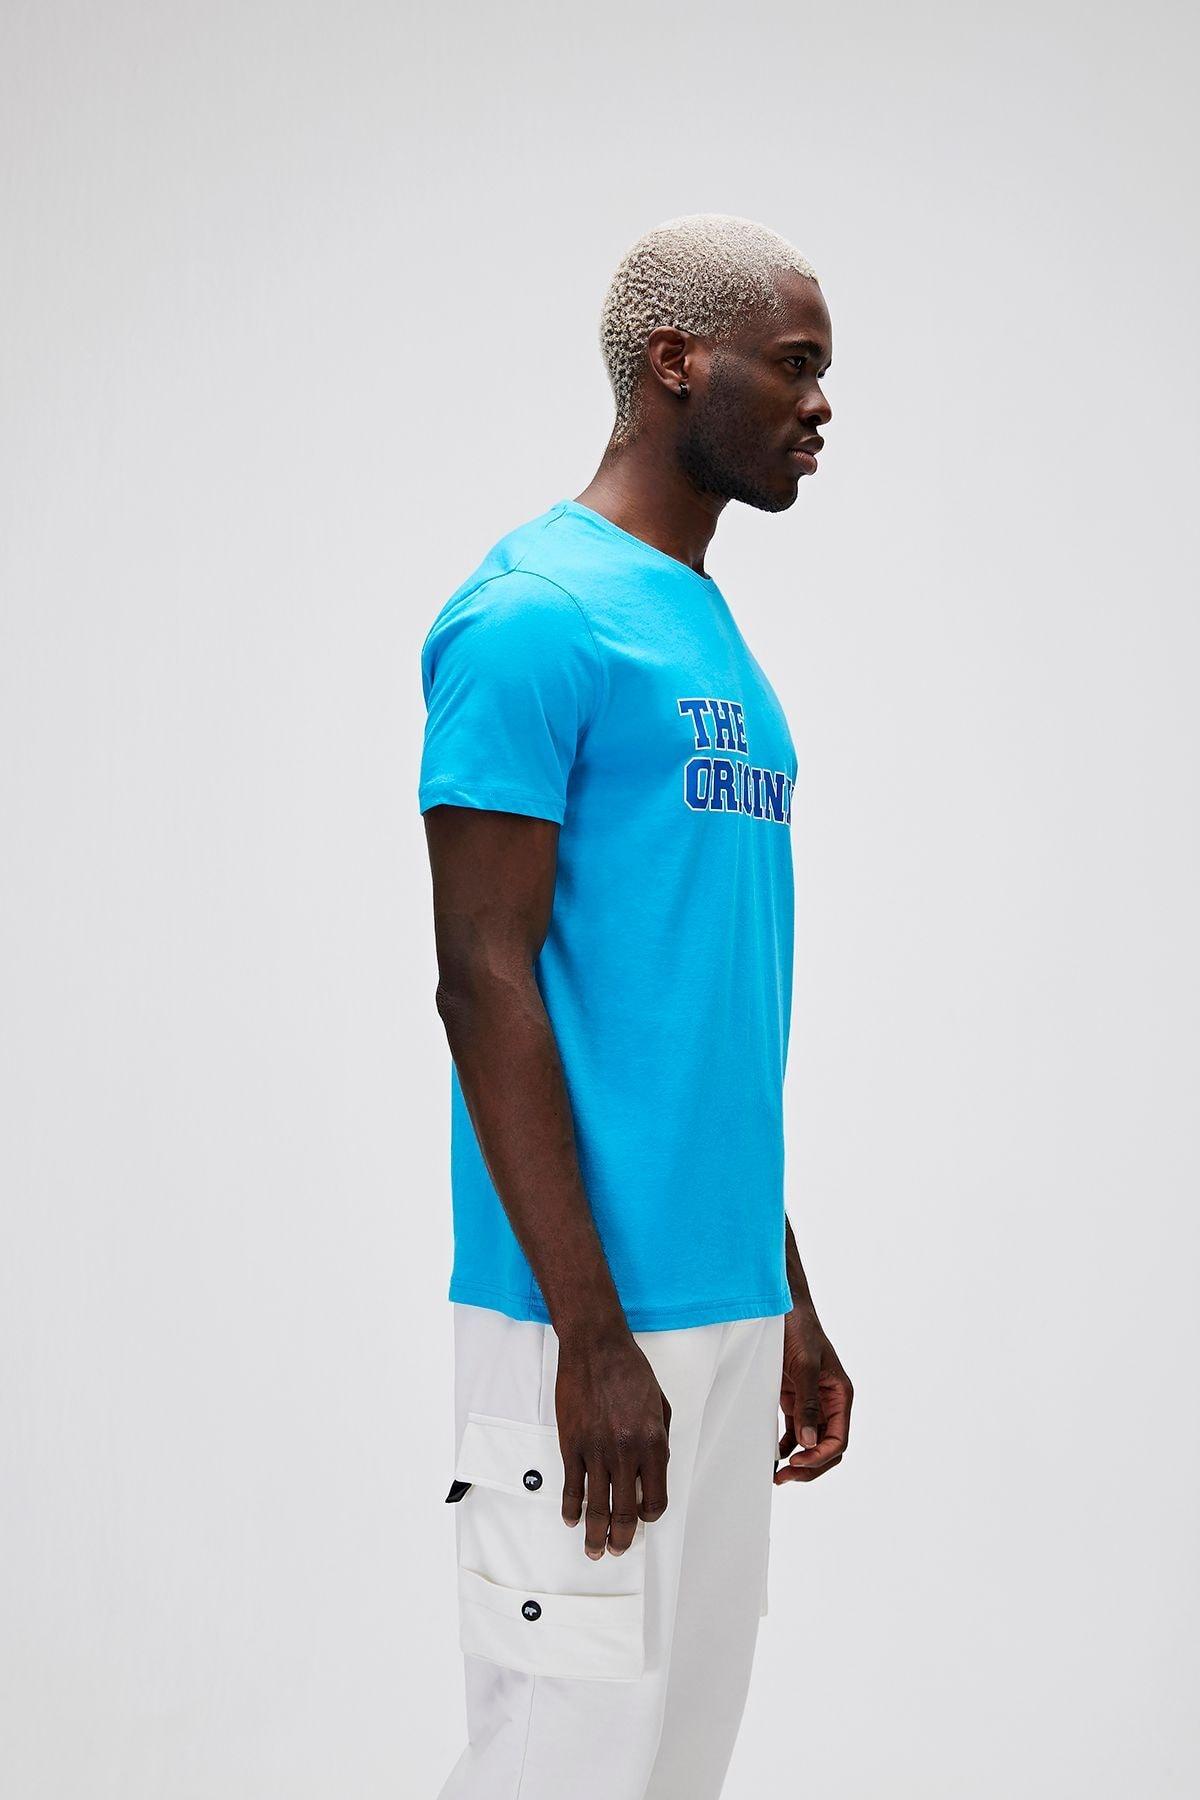 Bad Bear Erkek T-shirt 21.01.07.052-c16 2